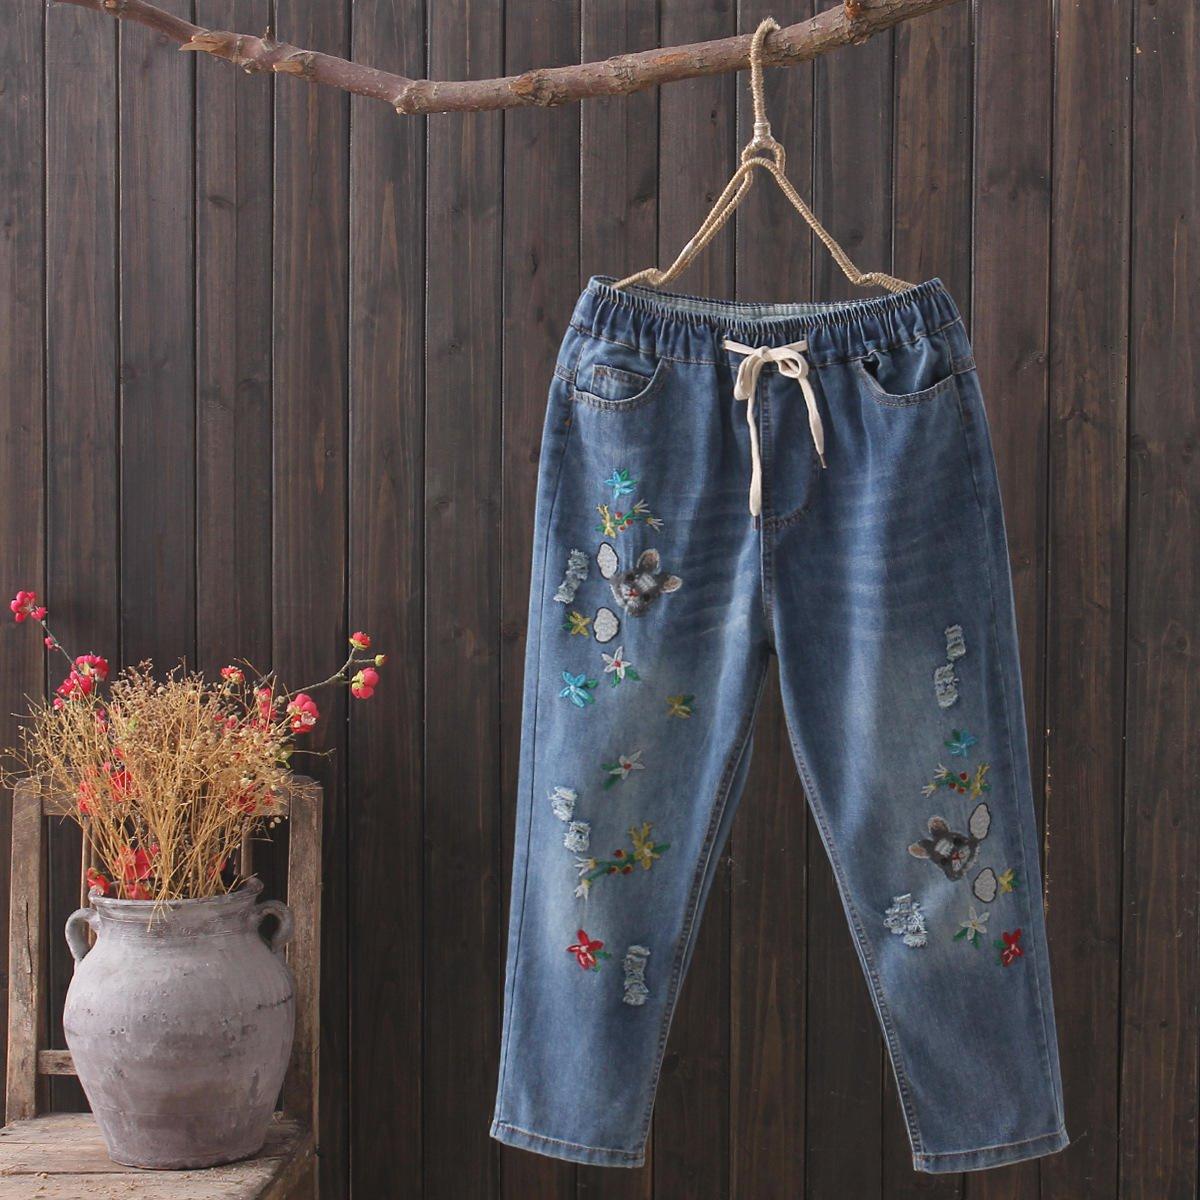 2019春装新款牛仔裤女高腰百搭显瘦老爹牛仔裤一件代发阔腿哈伦裤